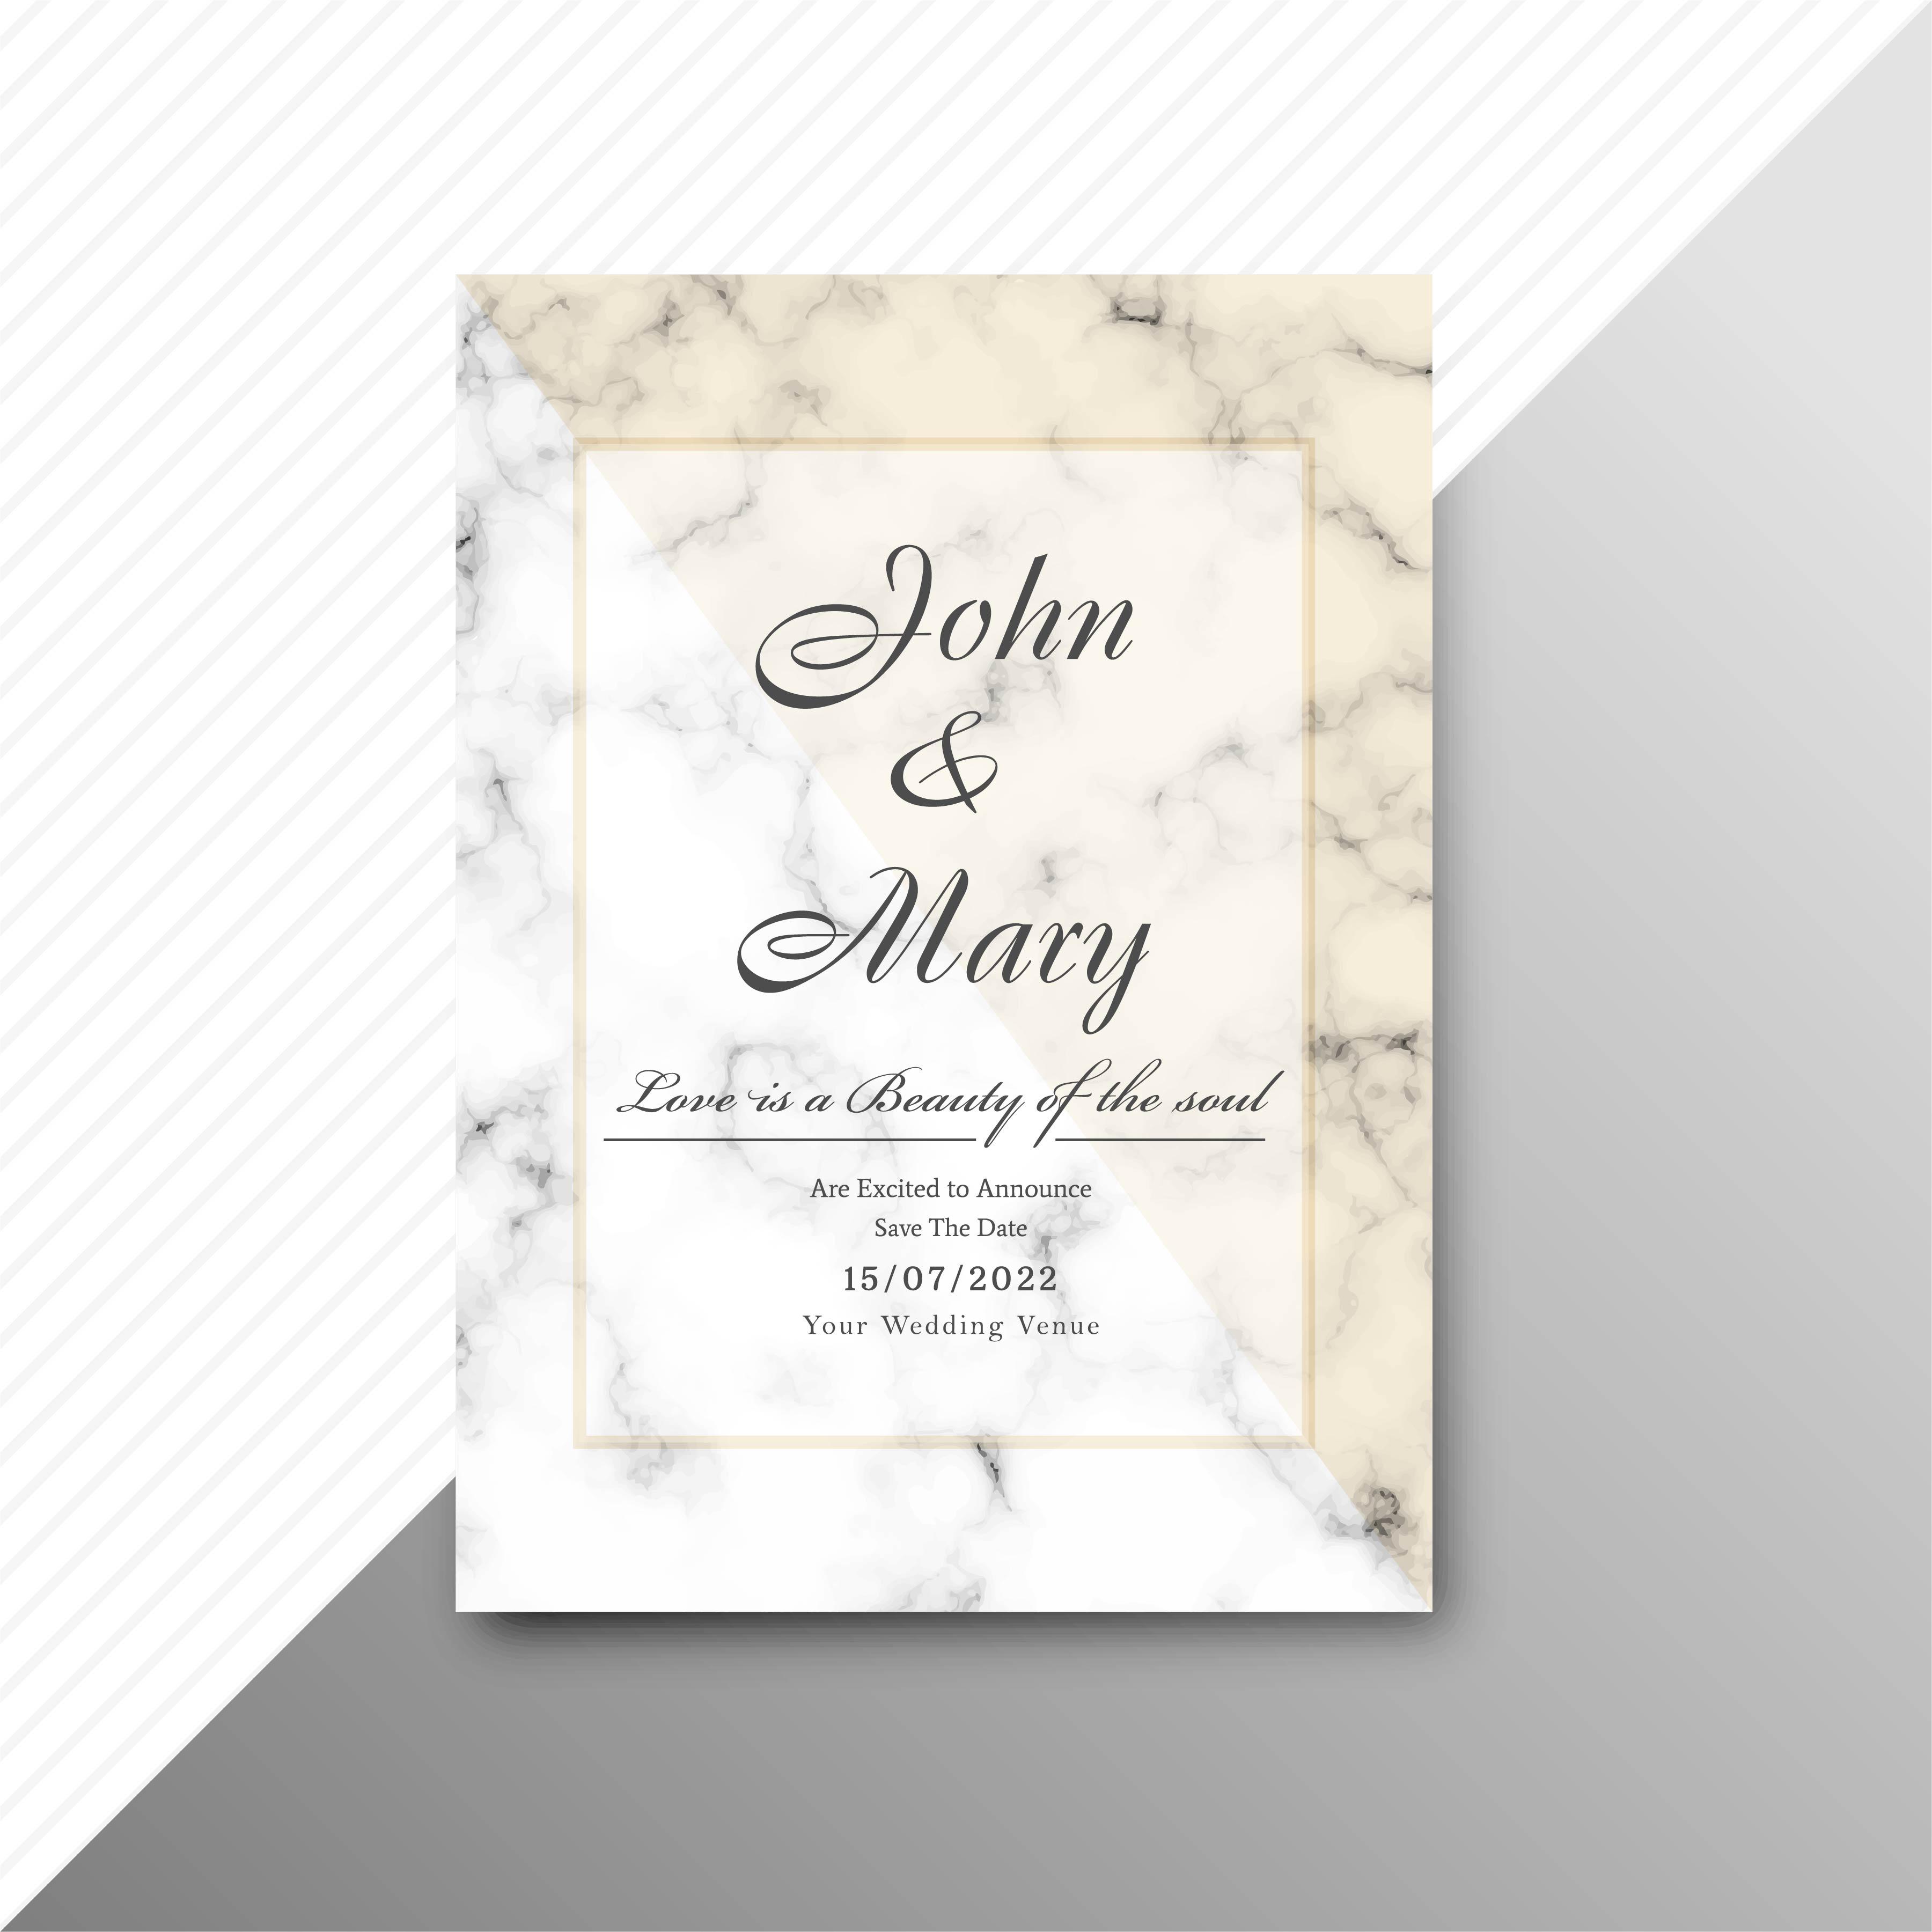 fond de carte invitation mariage